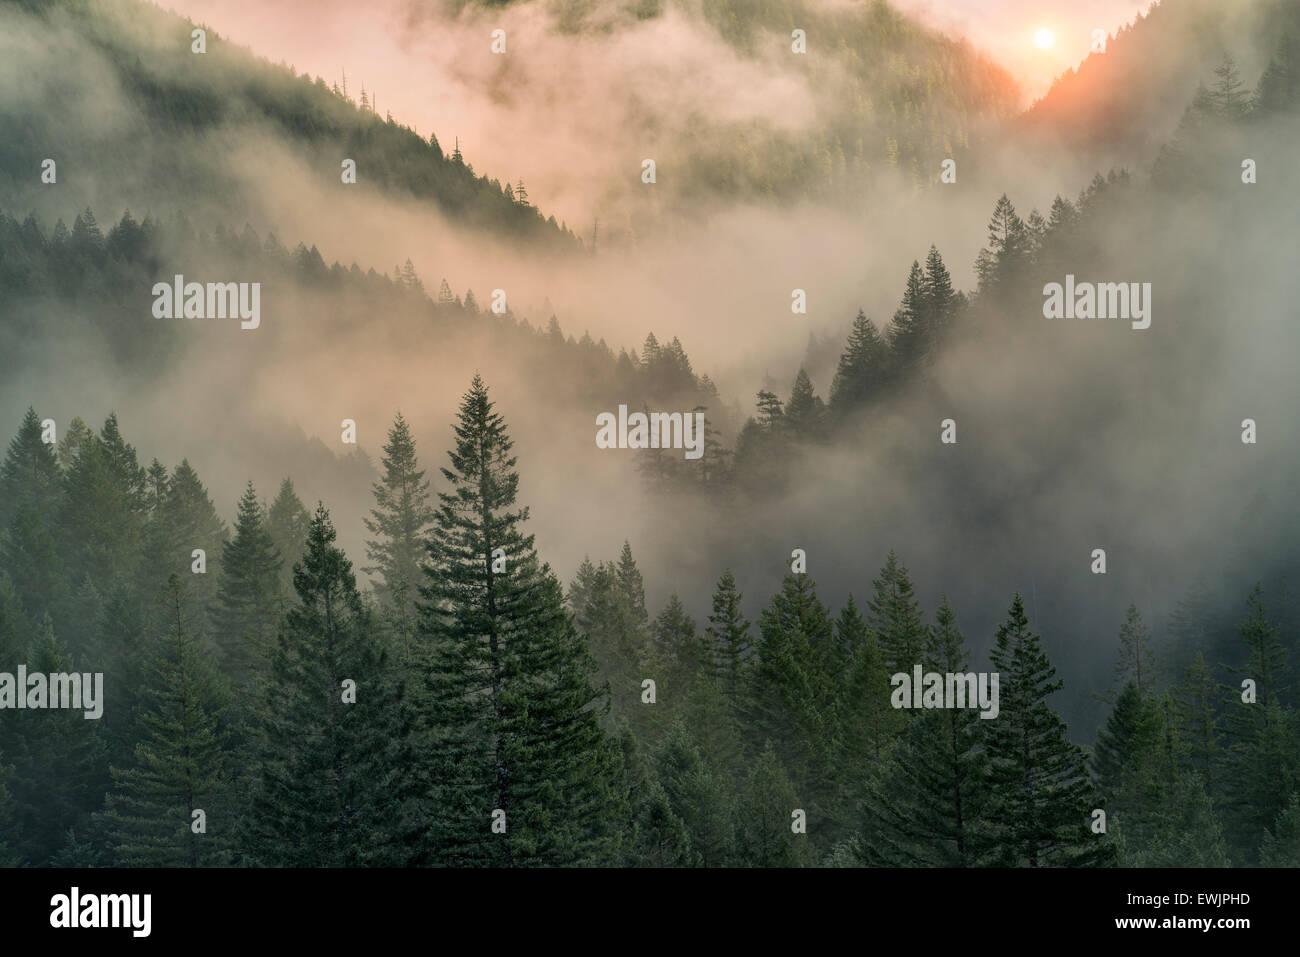 Sunrise attraverso la nebbia in montagna vicino Opal creek, Oregon Immagini Stock